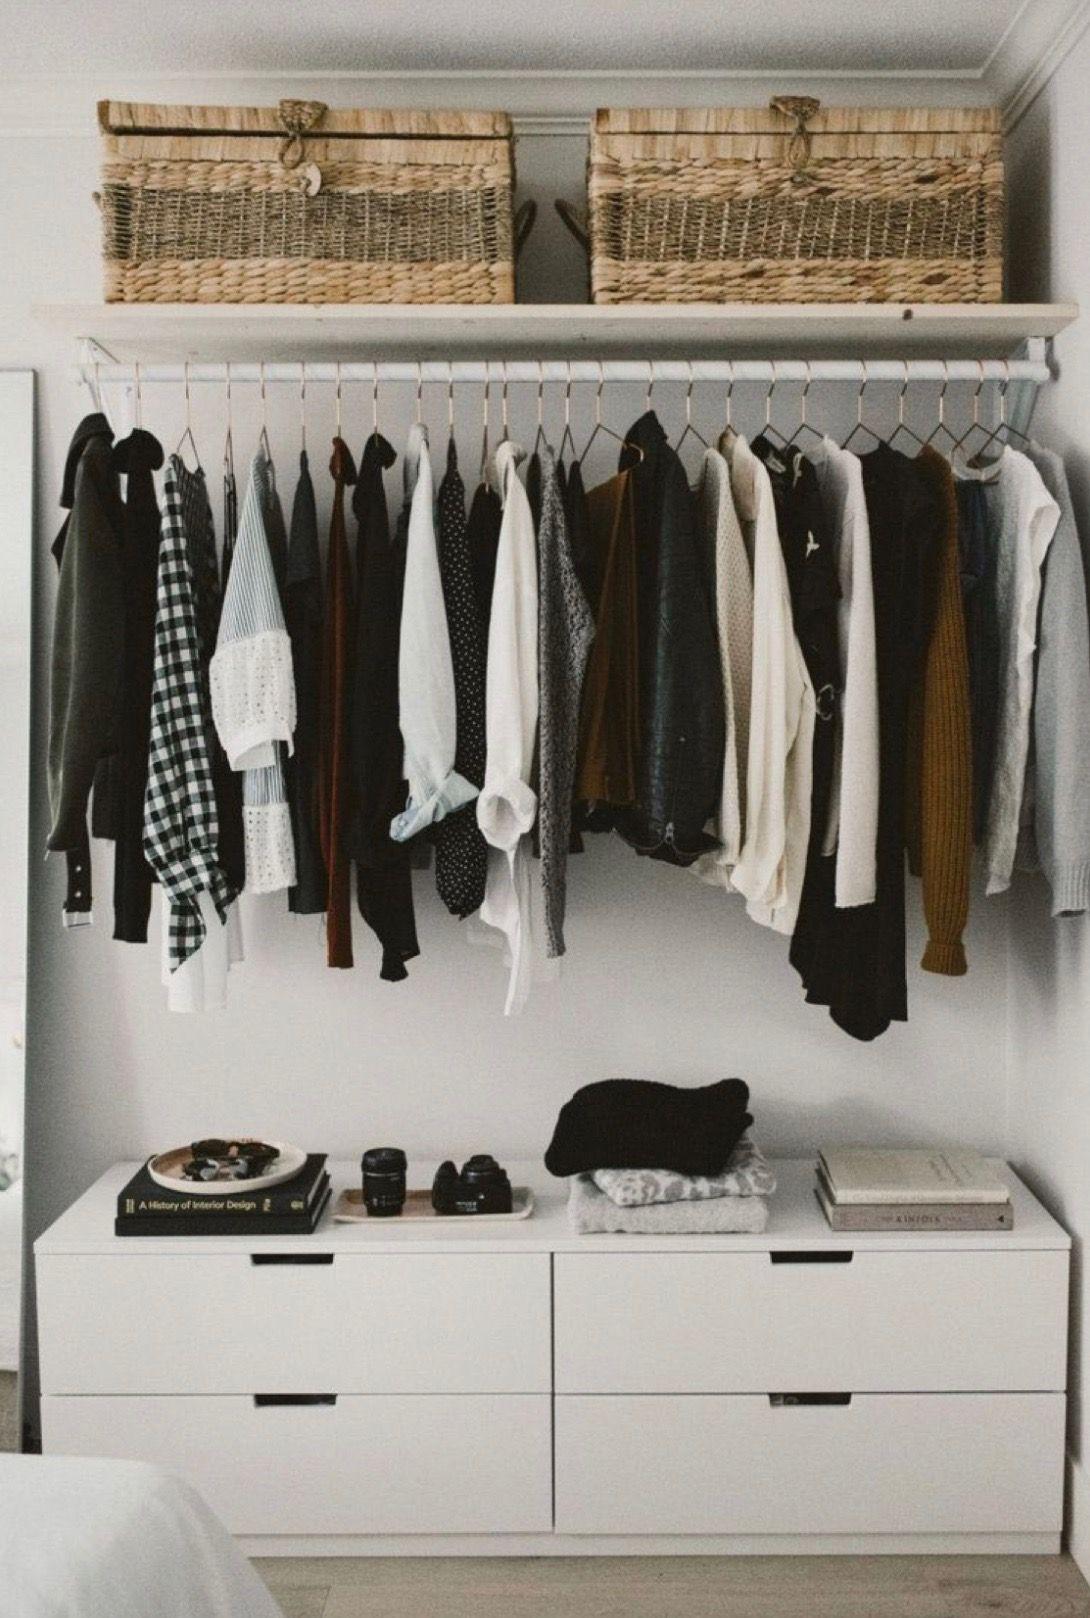 Pinterest Eydeirrac Bedroom Organization Closet Small